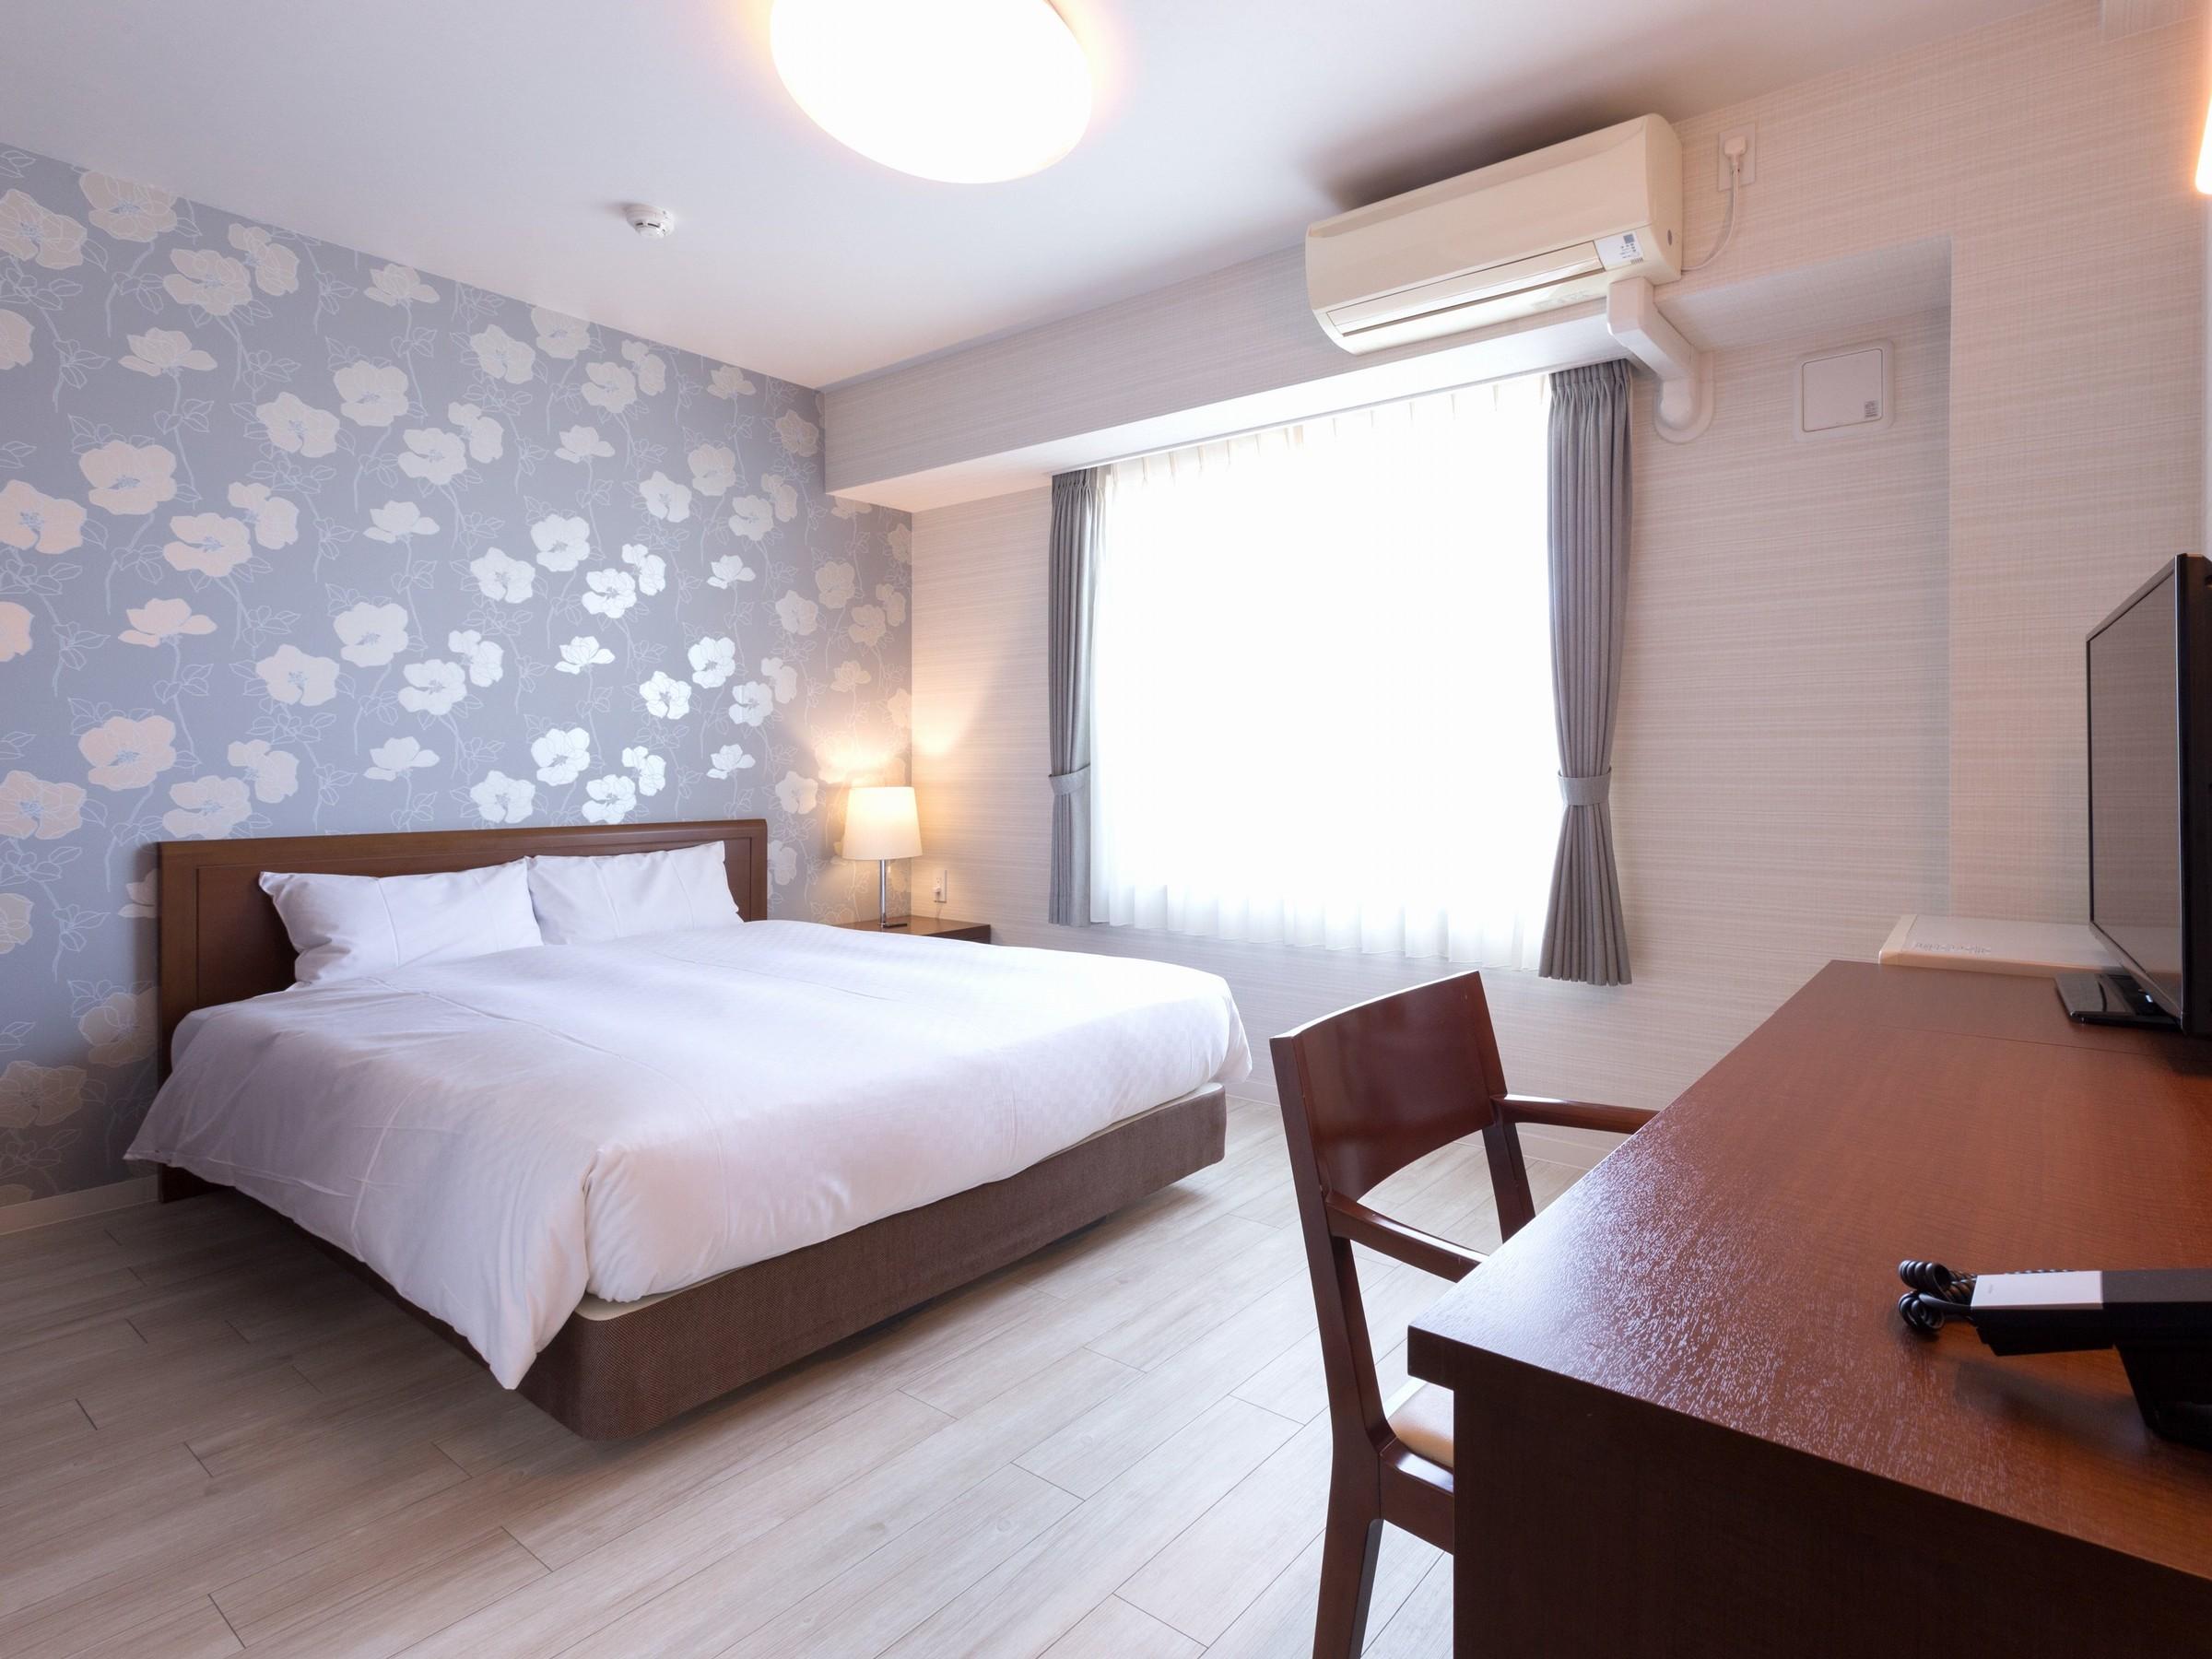 ホテル博多プレイス / 【9階】【ベッド幅150】■デラックスシングルルーム25㎡:1名利用(禁煙)